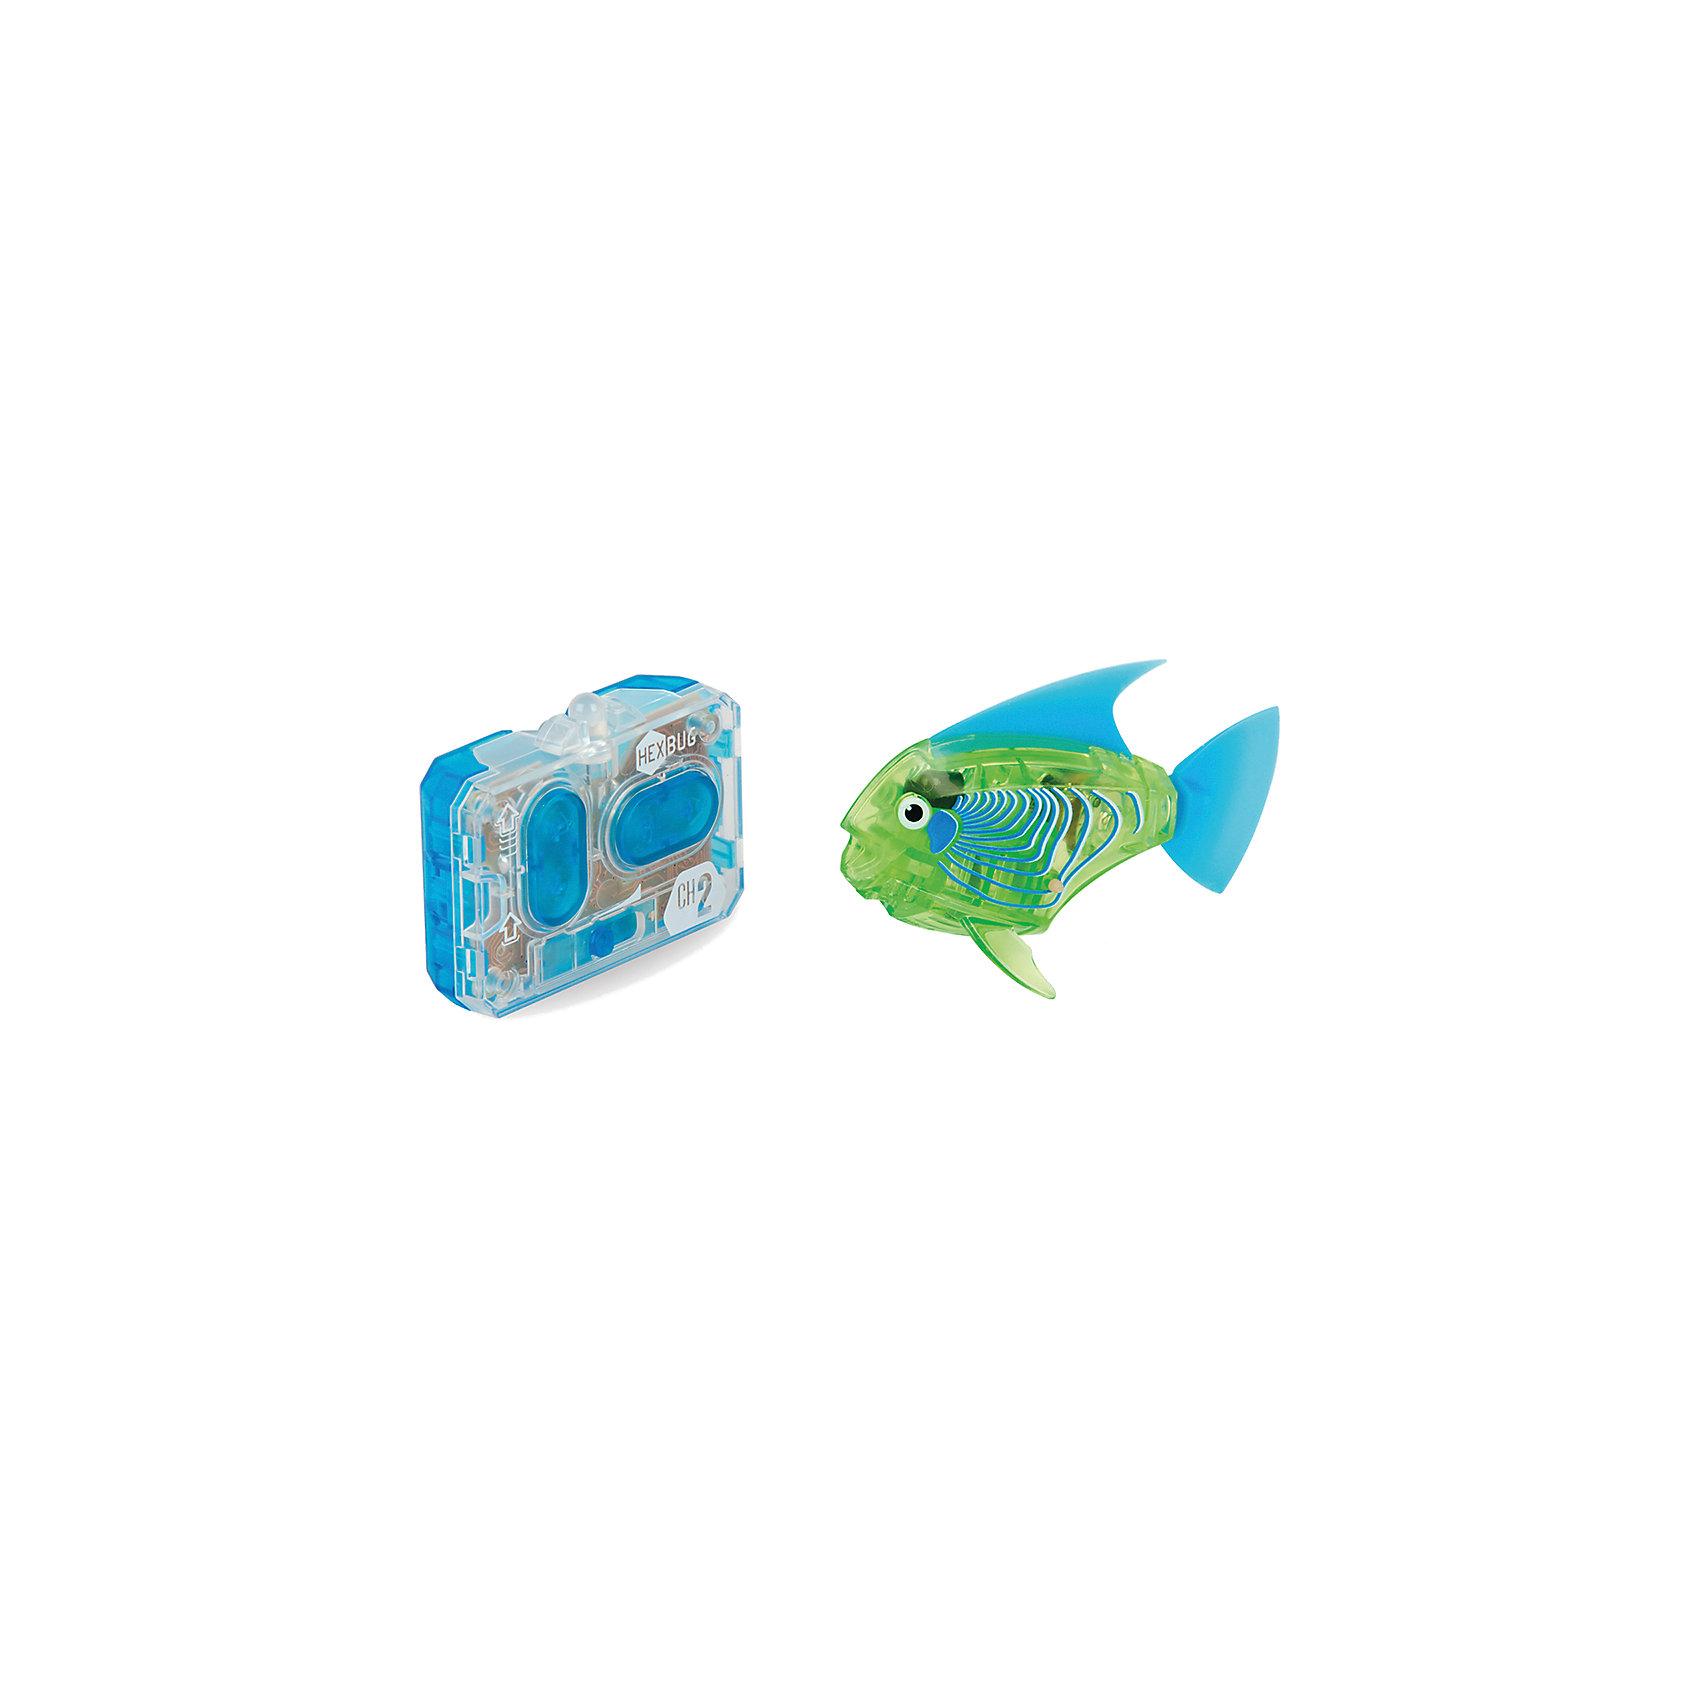 Микро-робот Aqua Bot, зеленый, HexbugИнтерактивные животные<br>Микро-робот Aqua Bot, зеленый, Hexbug (Хексбаг)<br><br>Характеристики:<br><br>• плавает в любом направлении<br>• автоматическое отключение вне воды<br>• цвет: зеленый<br>• размер: 8х4х2 см<br>• батарейки: AG13 - 2 шт. (входят в комплект)<br>• материал: пластик, металл<br>• размер упаковки: 19х6х4 см<br>• вес: 31 грамм<br><br>Aqua Bot - маленькая рыбка-робот, которая поразит вас своими размерами и ловкостью. Этот малыш быстро передвигается в воде в любом направлении. Положите микроробота в воду - и он тут же отправится покорять водное пространство. Если вытащить робота из воды, он автоматически отключается для экономии энергии. Такая замечательная игрушка, несомненно, понравится всем членам семьи!<br><br>Микро-робот Aqua Bot, зеленый, Hexbug (Хексбаг) можно купить в нашем интернет-магазине.<br><br>Ширина мм: 160<br>Глубина мм: 90<br>Высота мм: 120<br>Вес г: 85<br>Возраст от месяцев: 36<br>Возраст до месяцев: 2147483647<br>Пол: Унисекс<br>Возраст: Детский<br>SKU: 5507180